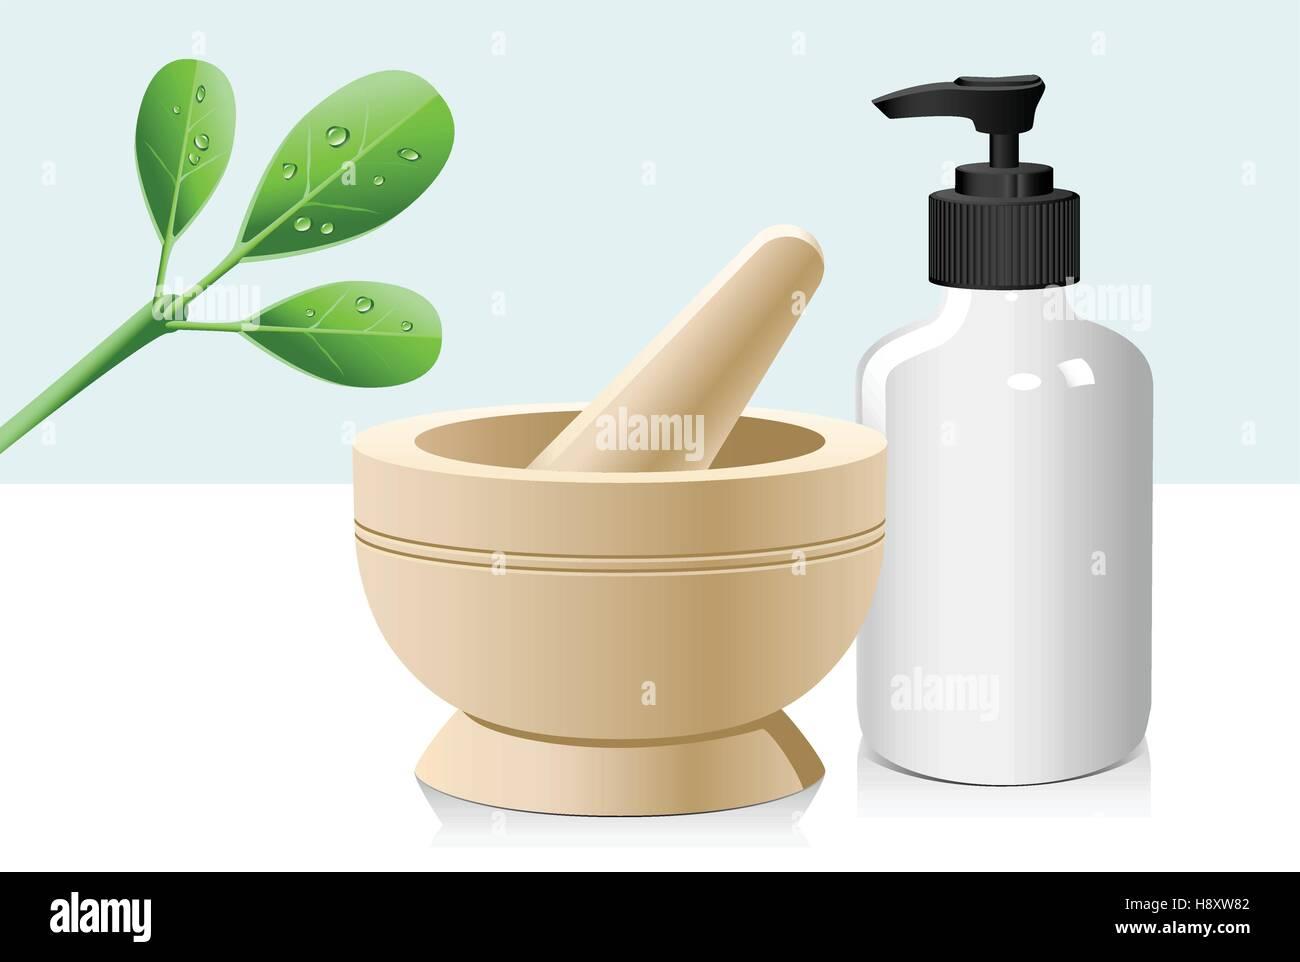 Natürliche Kräuter, Mörser und Stößel, Glas Lotion Flasche Bio-Beauty und Gesundheit Stock Vektor